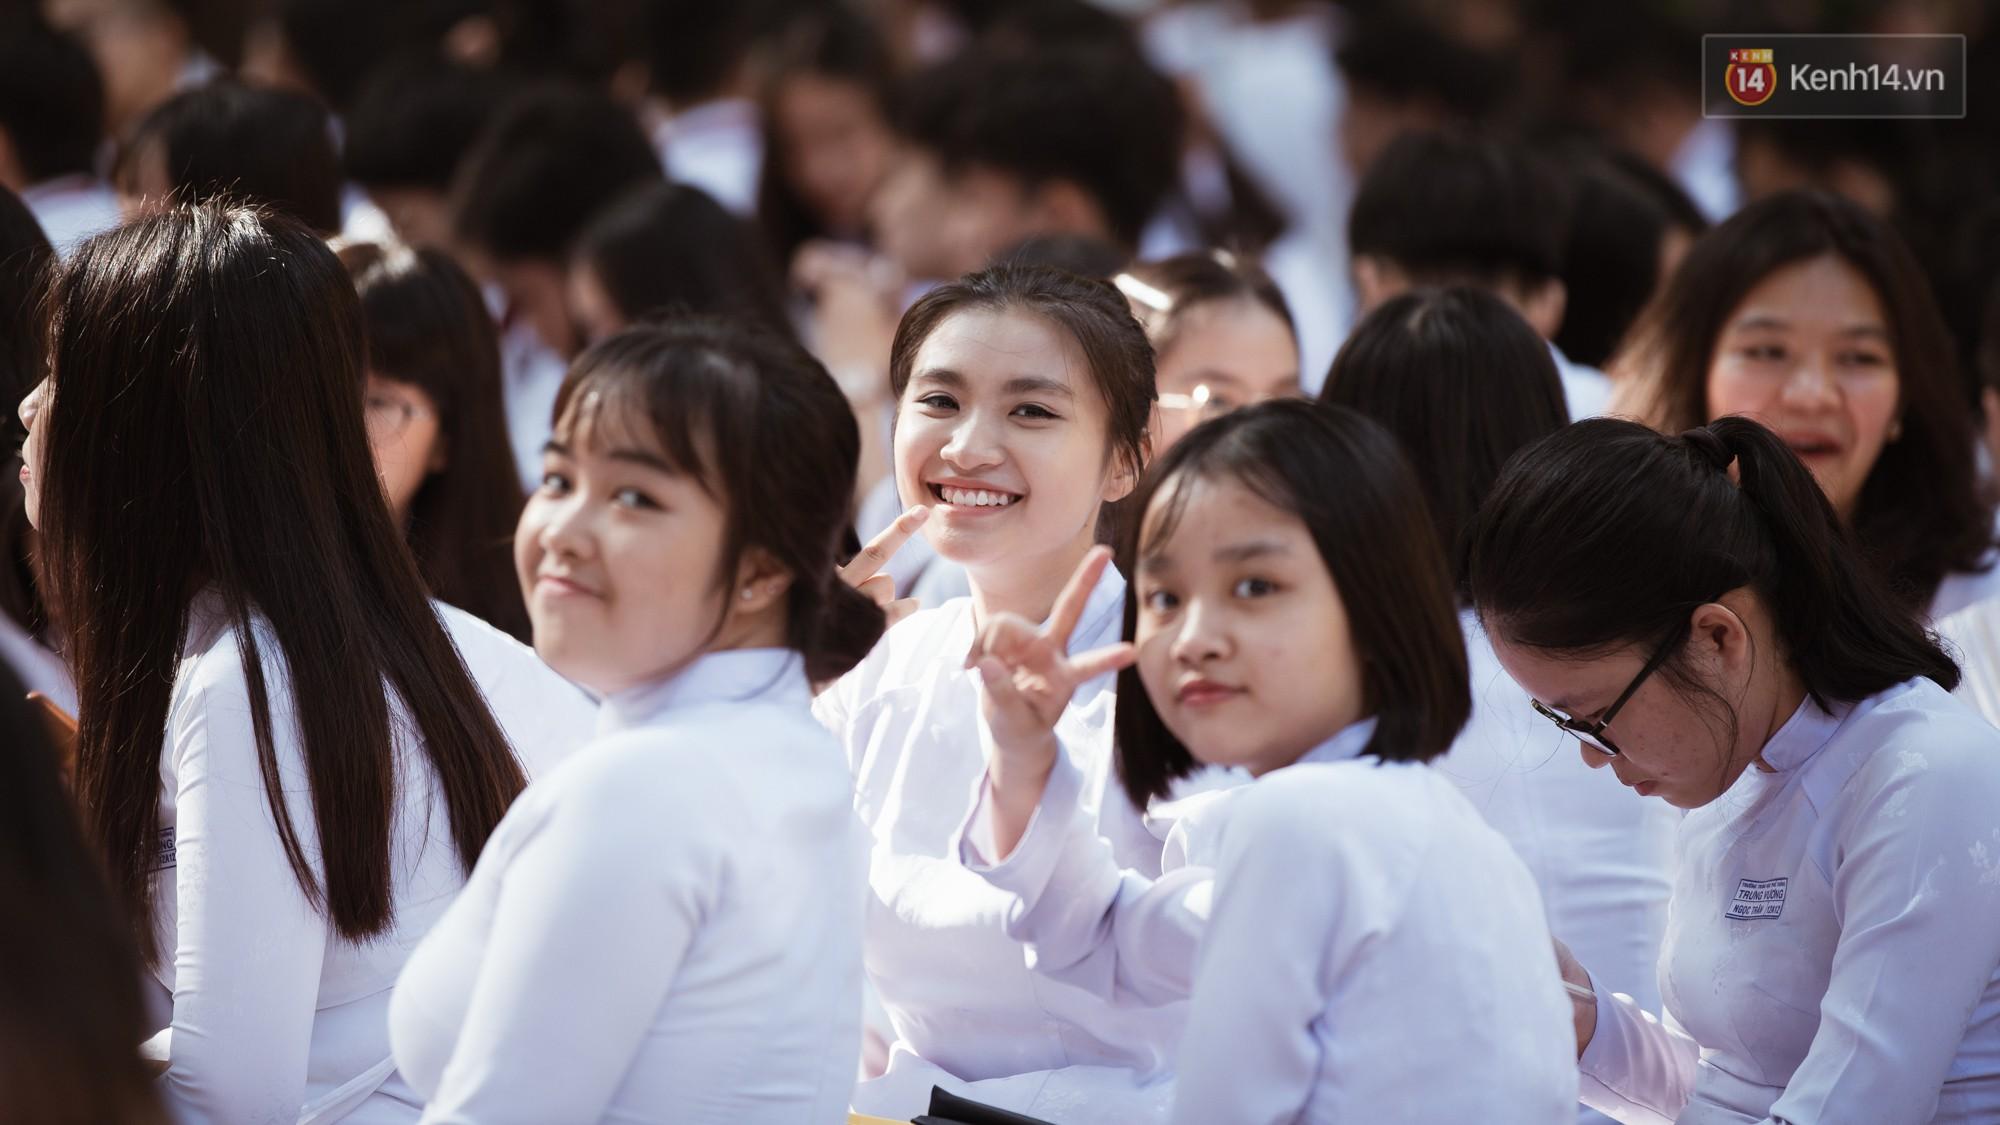 Lưu luyến trước nhan sắc trong veo đúng tuổi 18 của nữ sinh trường THPT Trưng Vương - Ảnh 7.